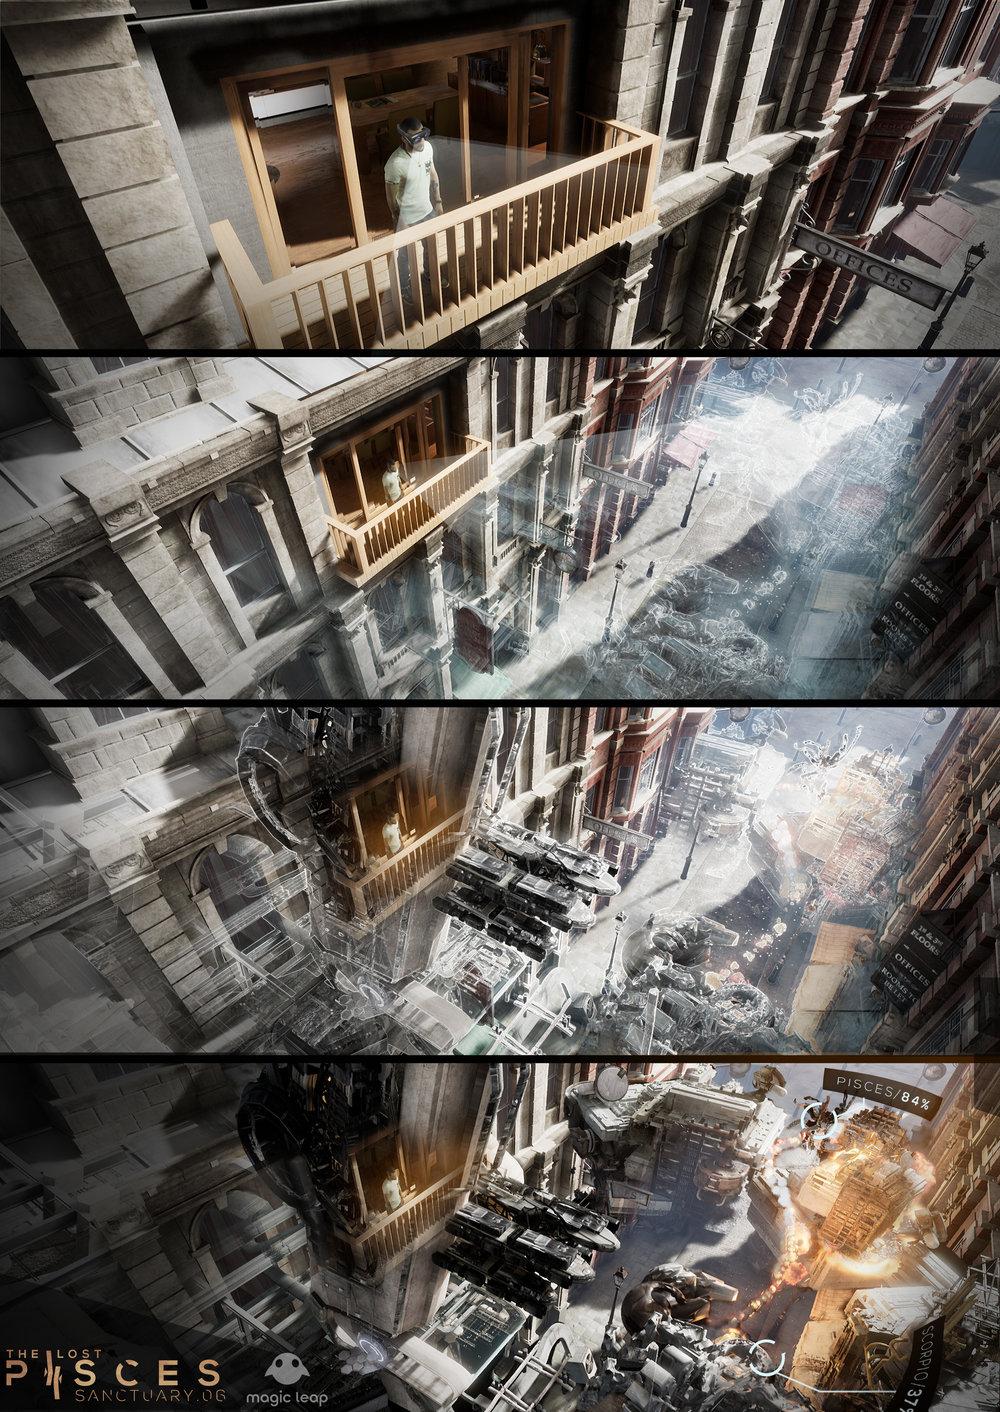 Pisces_Obsidian_Leap_illustration_06_completed_steps.jpg